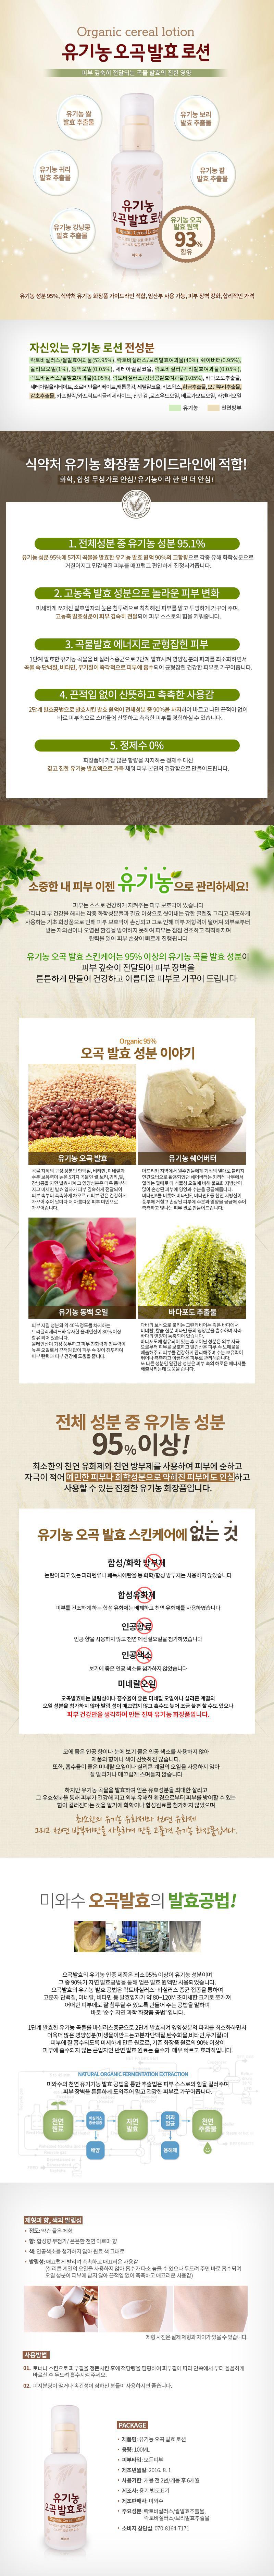 미와수-오곡 제조일 수정.jpg